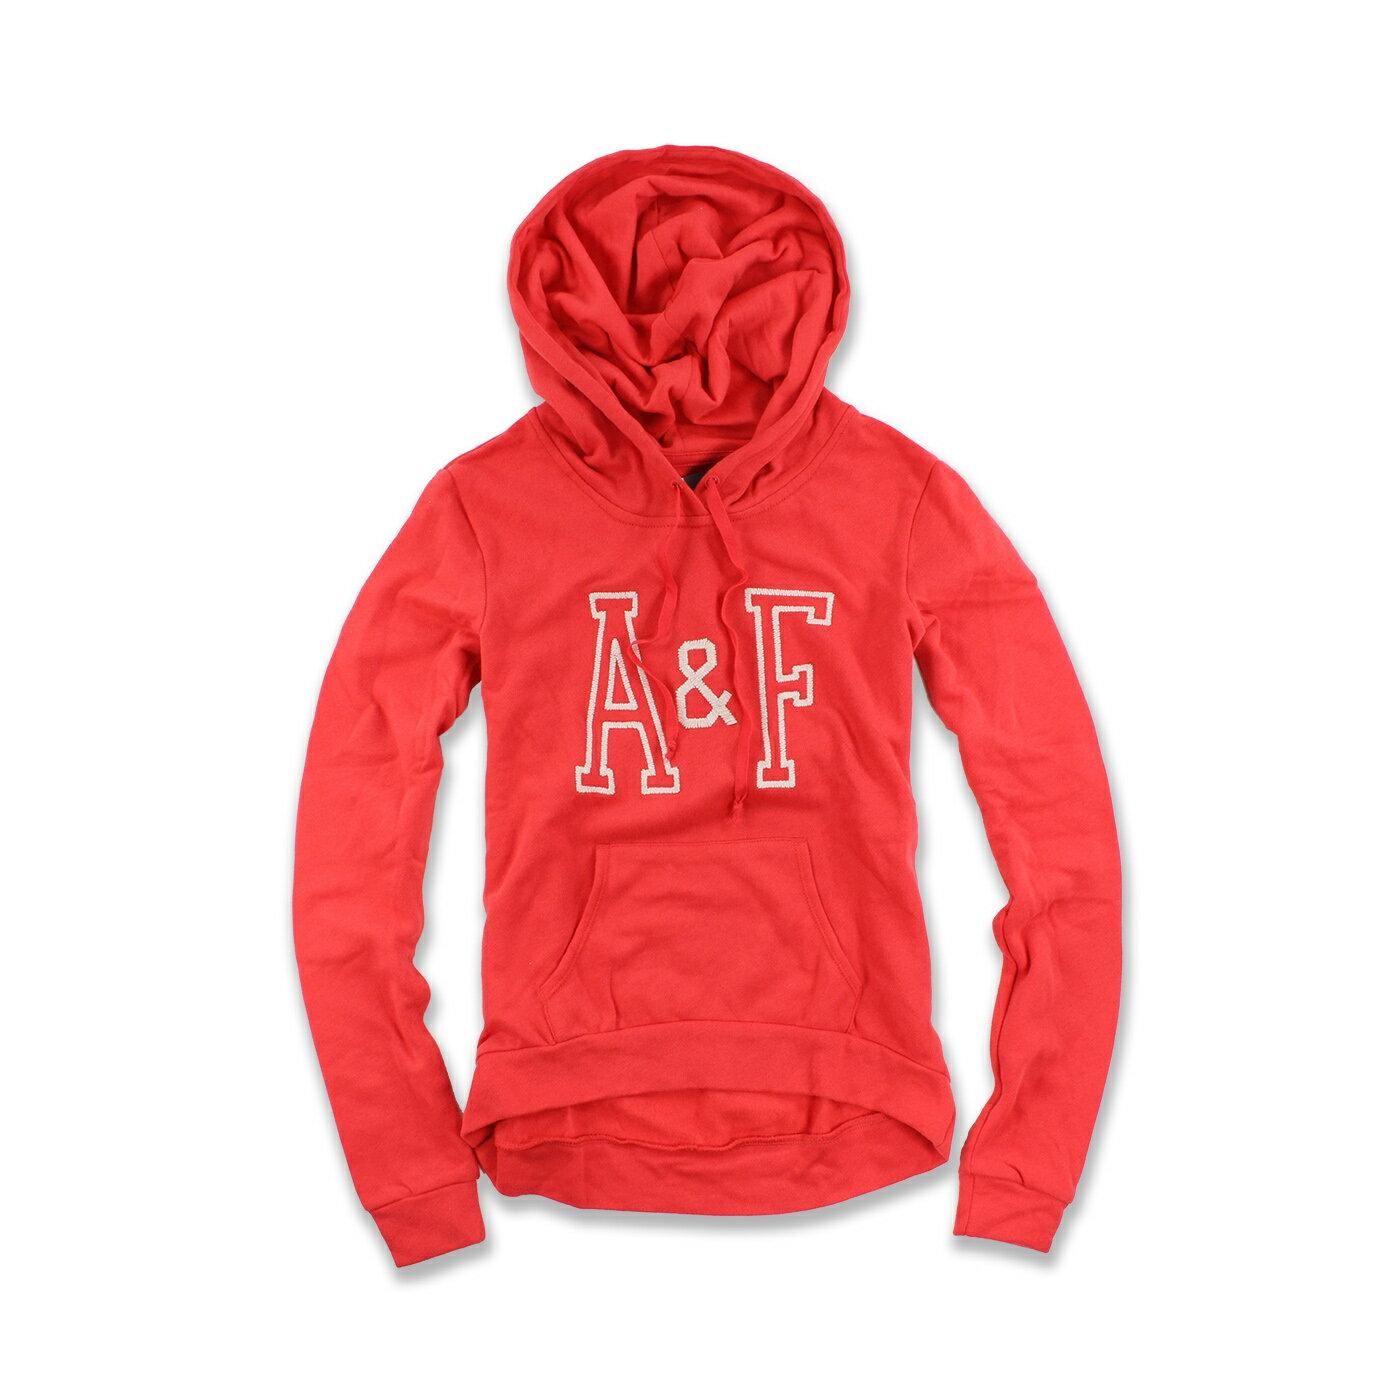 美國百分百【Abercrombie & Fitch】連帽 AF 帽T 麋鹿 logo 橘紅 長袖 女款 S號 F505